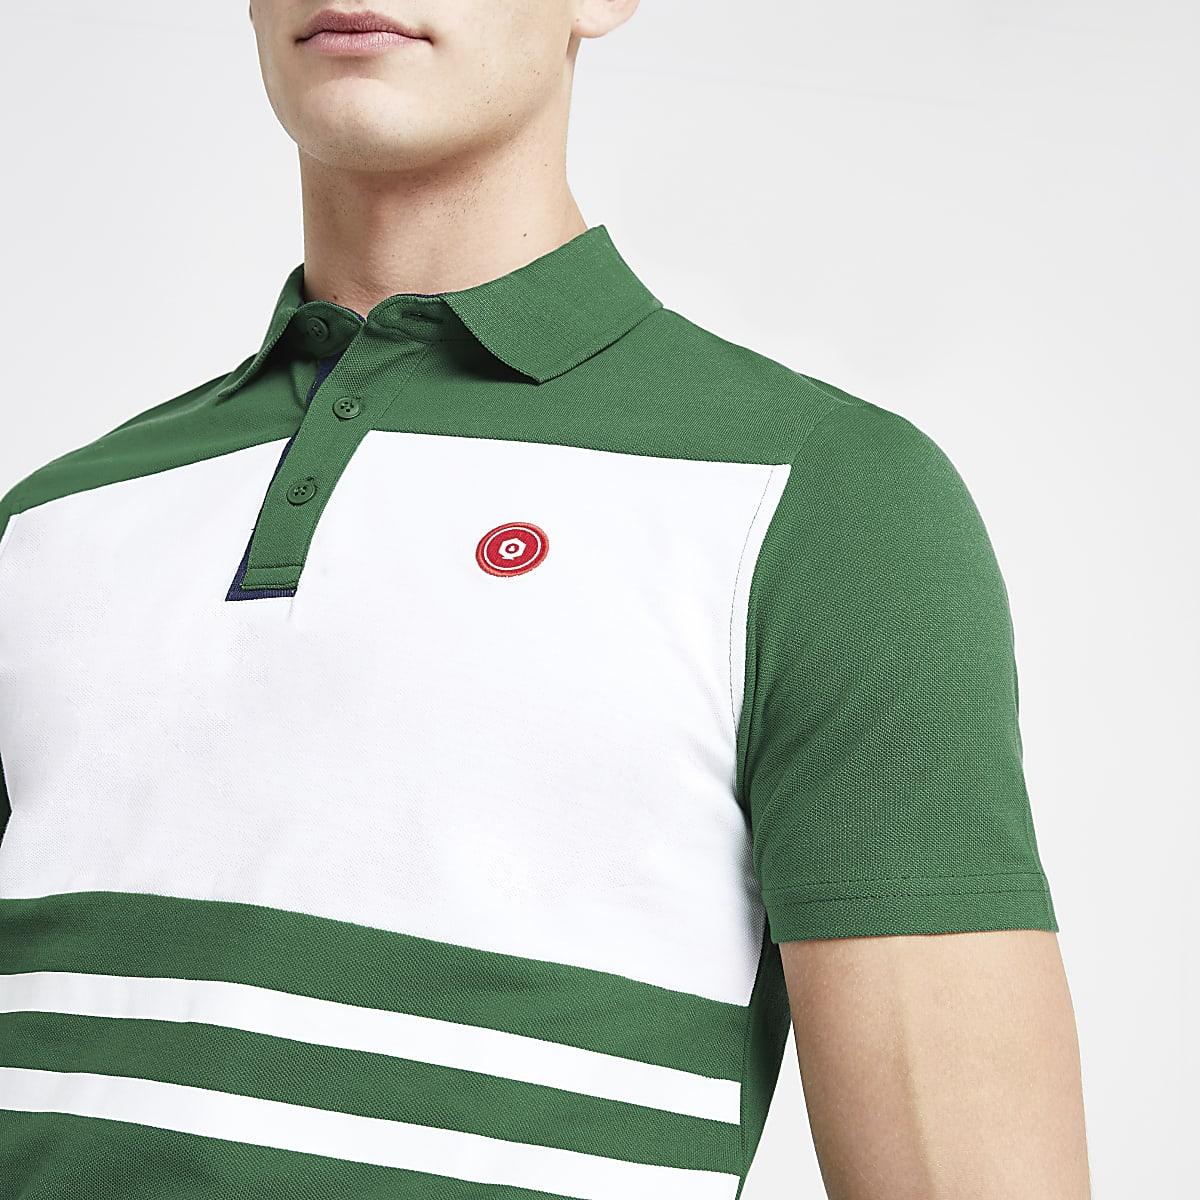 Jack and Jones green polo shirt